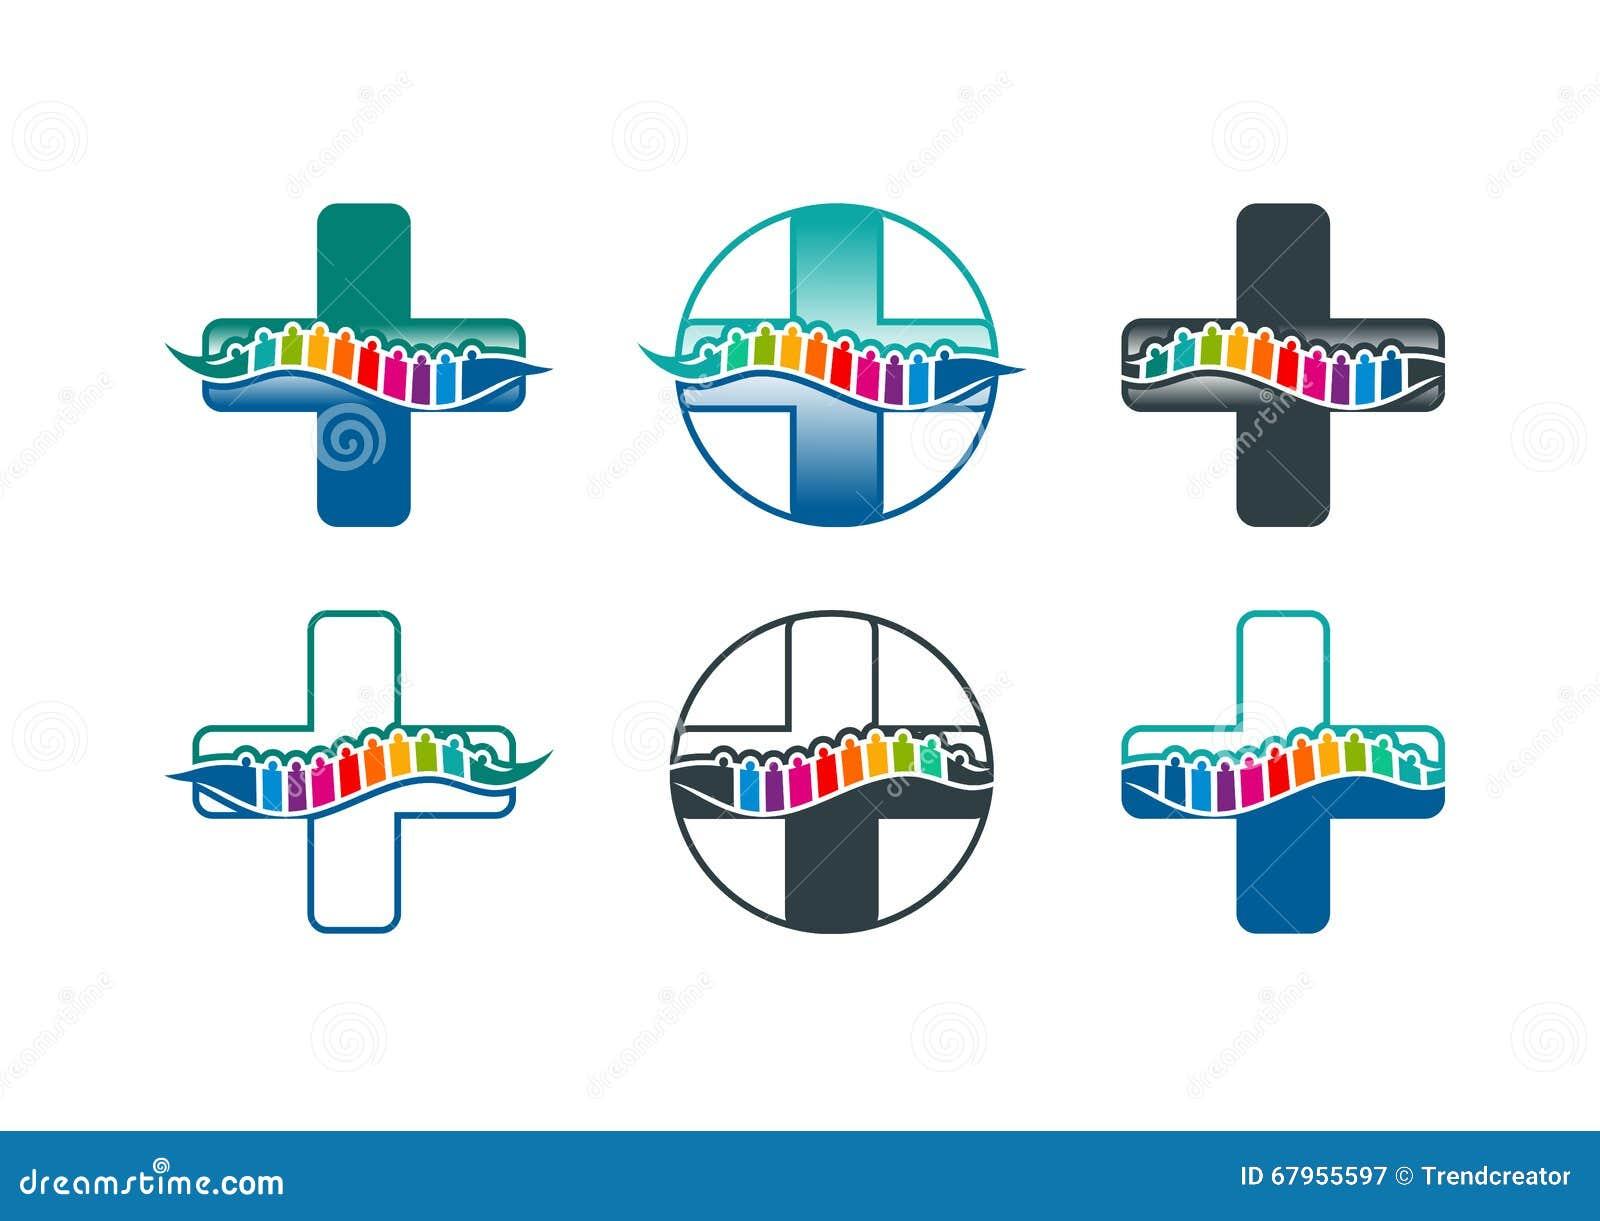 Λογότυπο σπονδυλικών στηλών, σύμβολο σπονδυλικών στηλών και chiropractic σχέδιο έννοιας